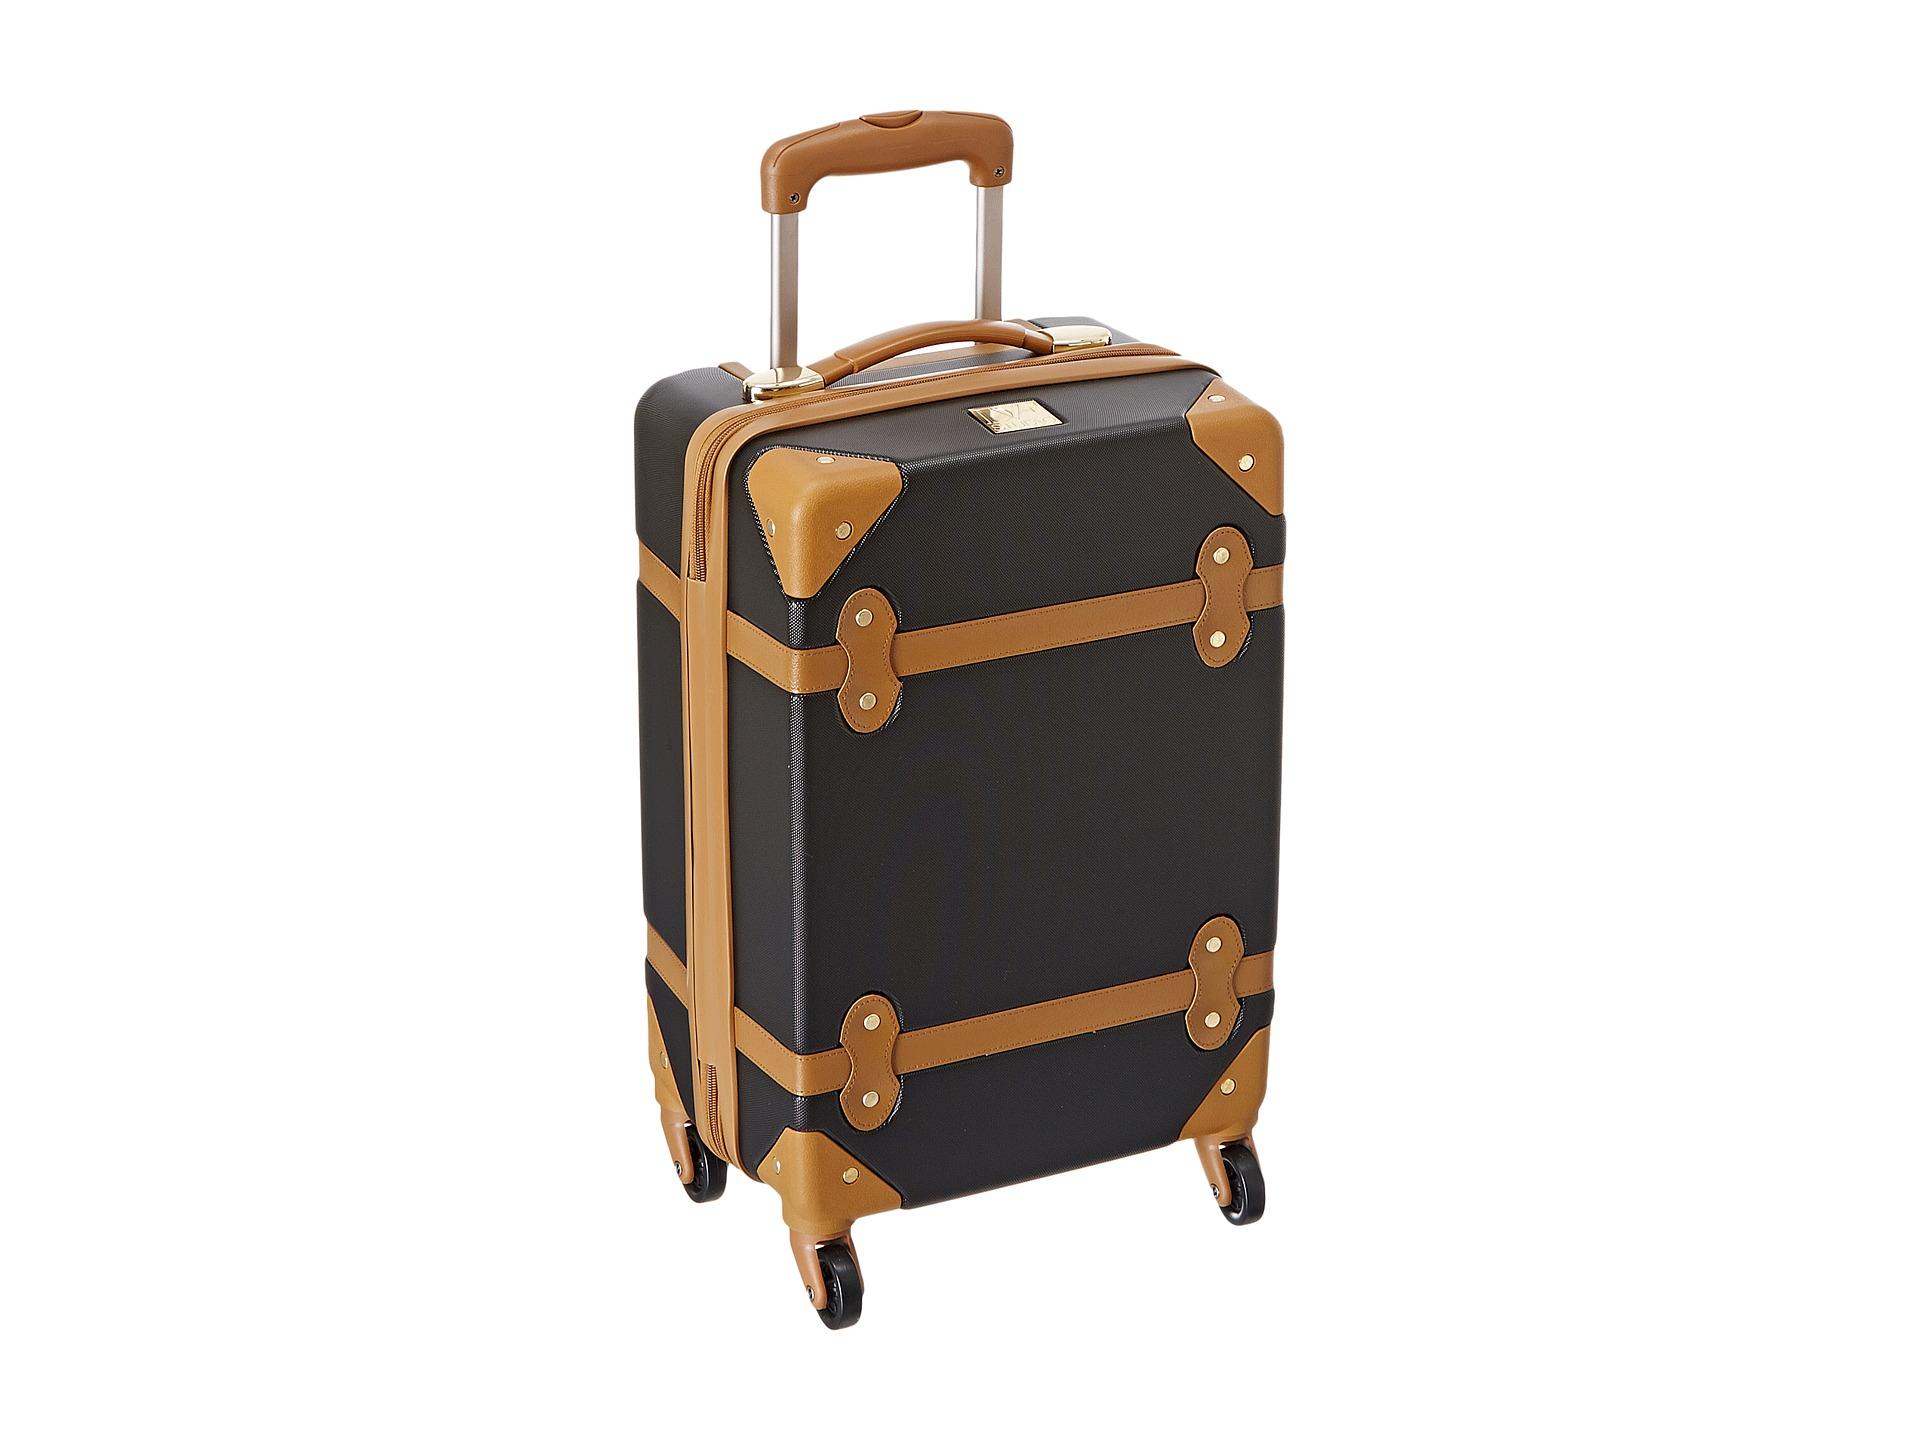 diane von furstenberg luggage - photo #21